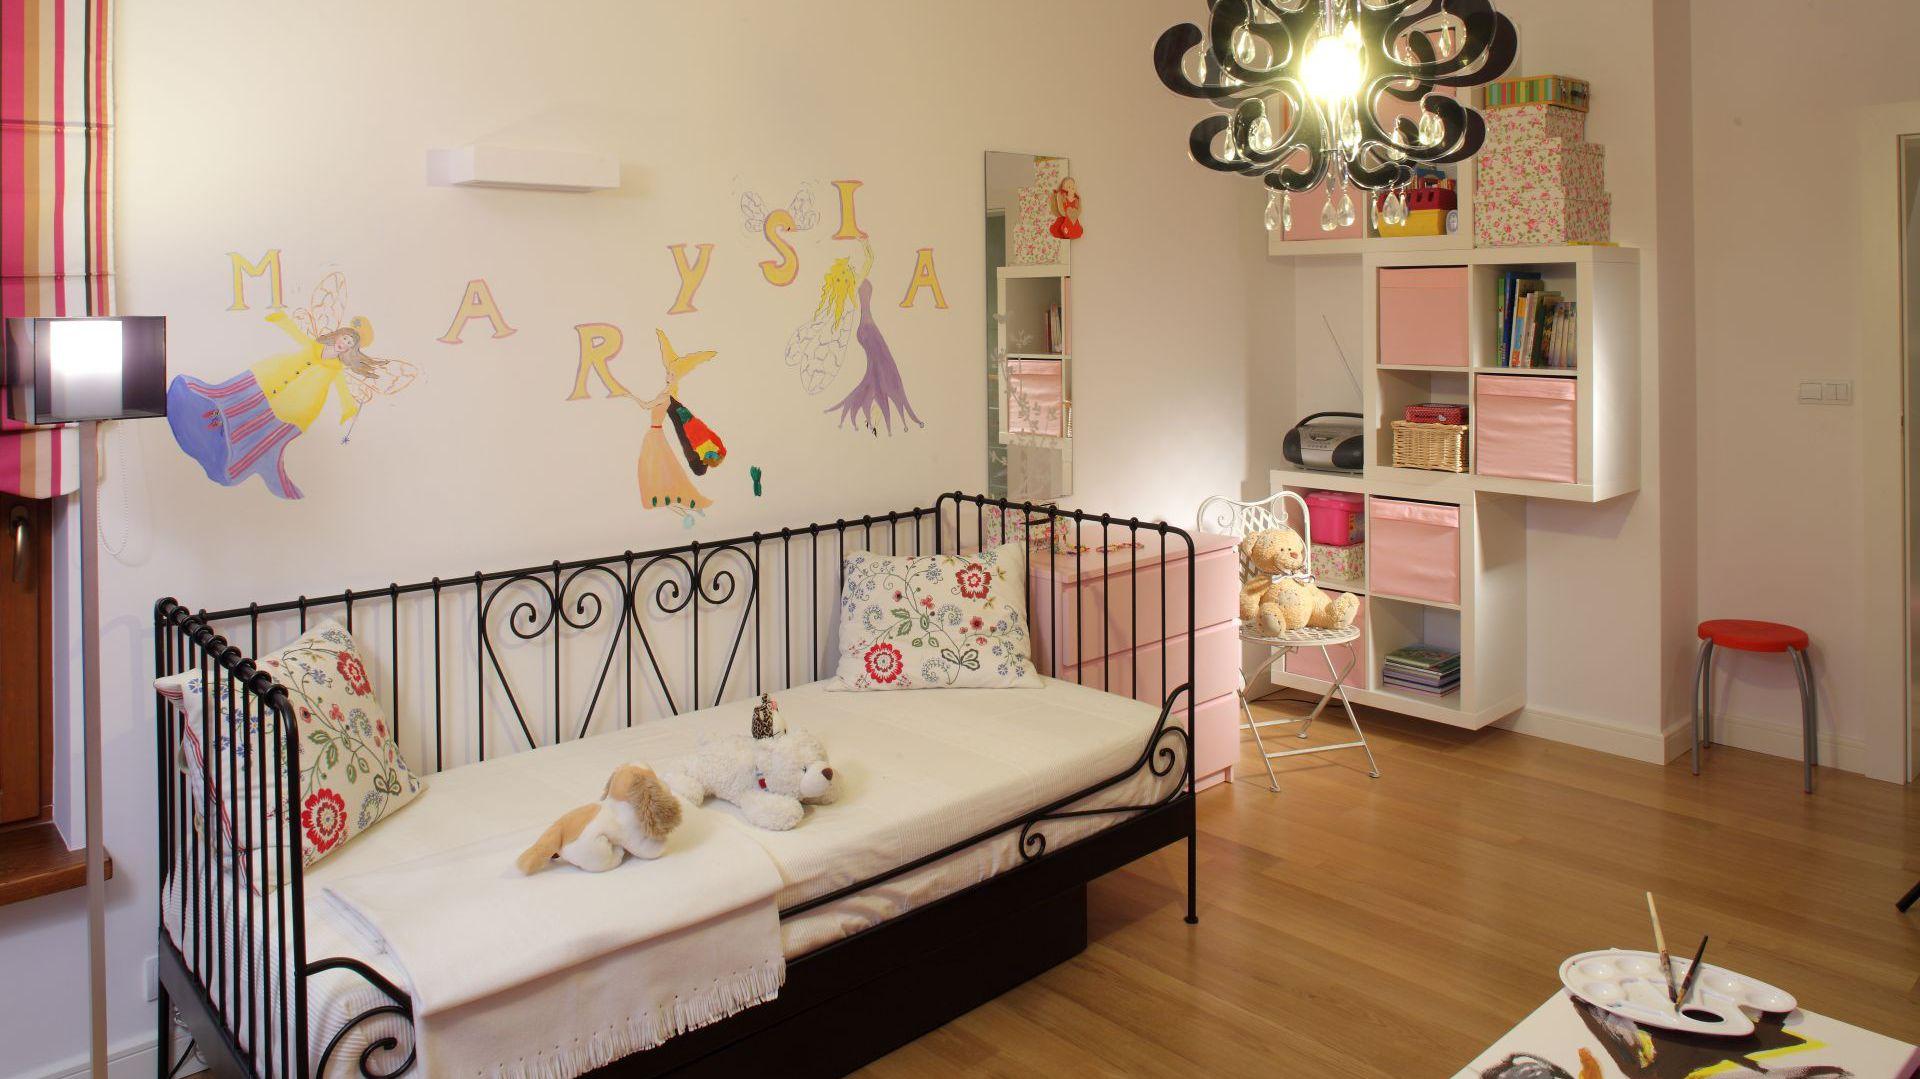 Ubrania dziewczynka skrywane są w różowej komodzie, natomiast książki i drobiazgi - na półkach naściennych. Fot. Bartosz Jarosz.